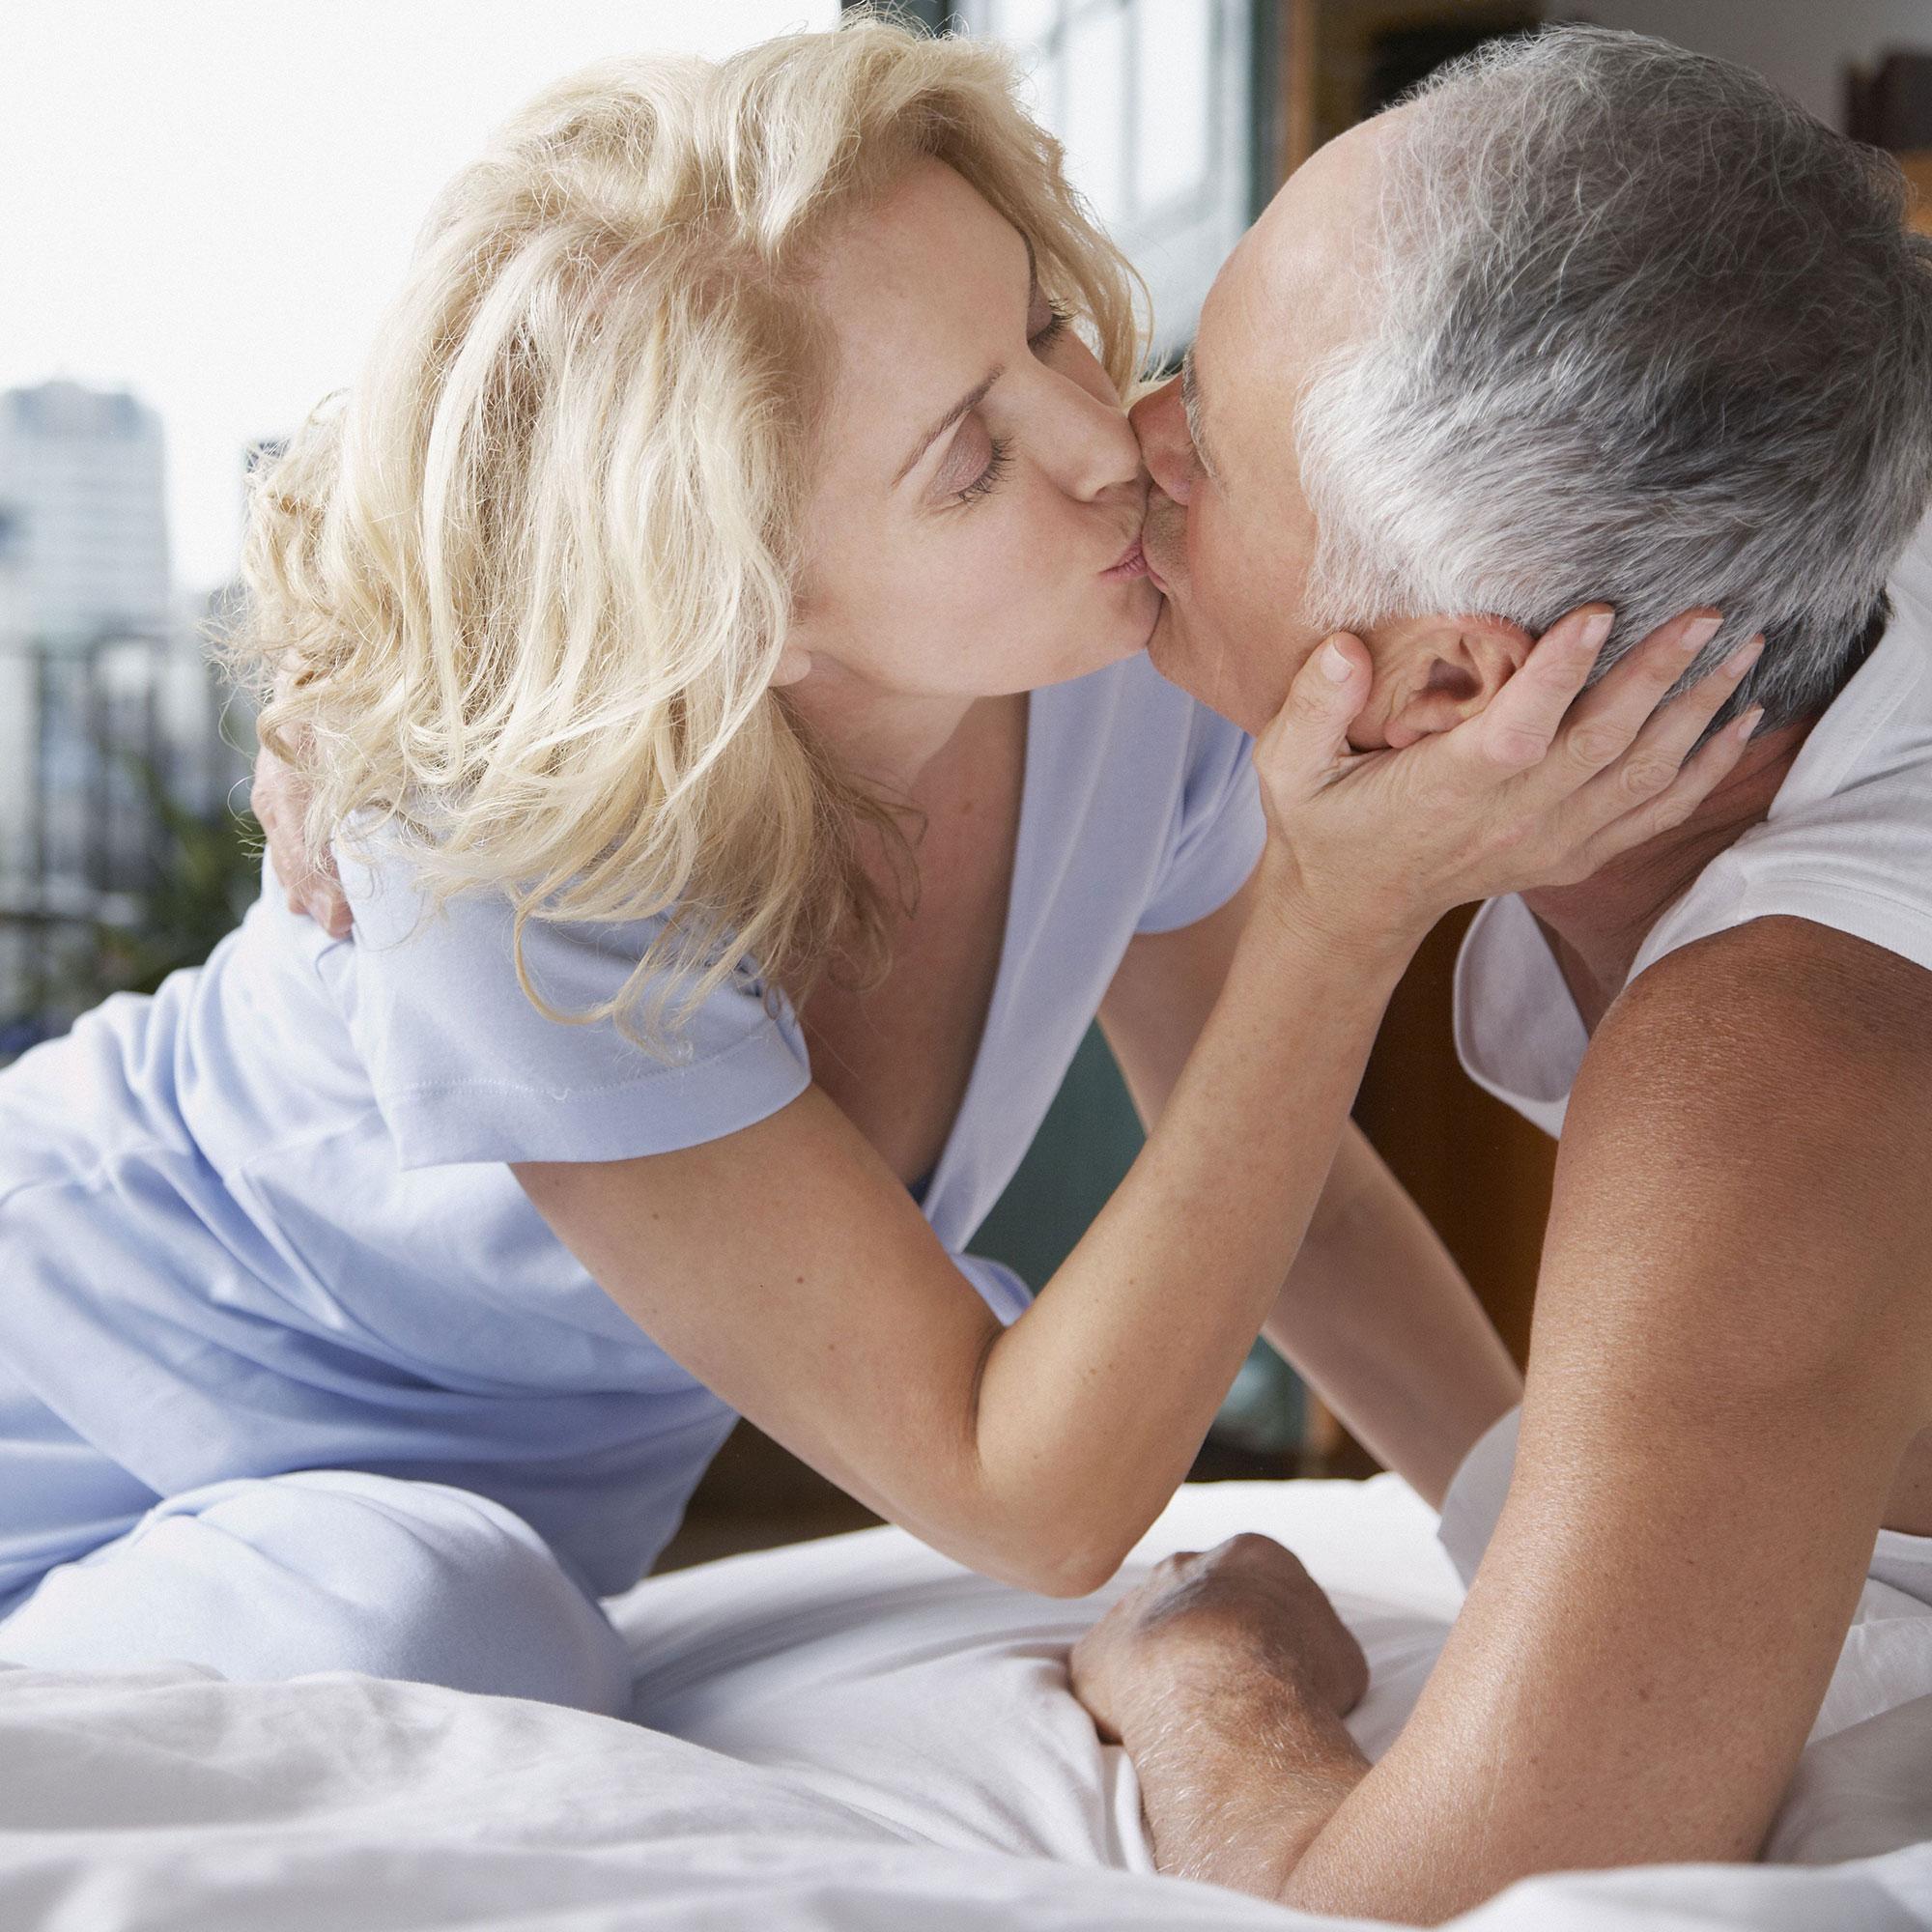 hing granny sex porn download